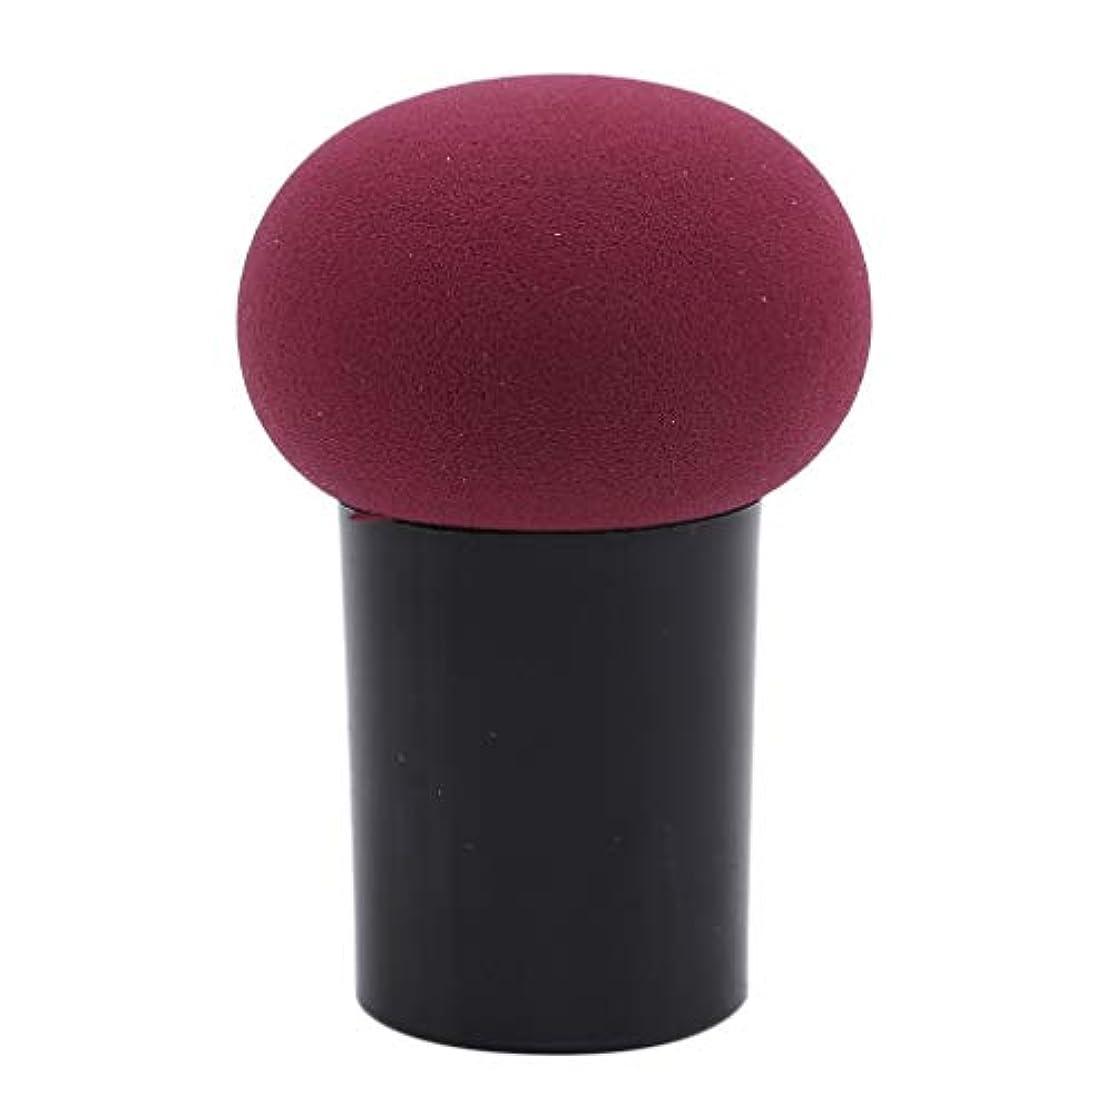 型インペリアル乏しいHKUN スポンジパフ 化粧パフ ケース付き きのこ形 使いやすい マッシュルーム型 メイク用 乾湿両用 美容ツール オシャレ ワインレッド